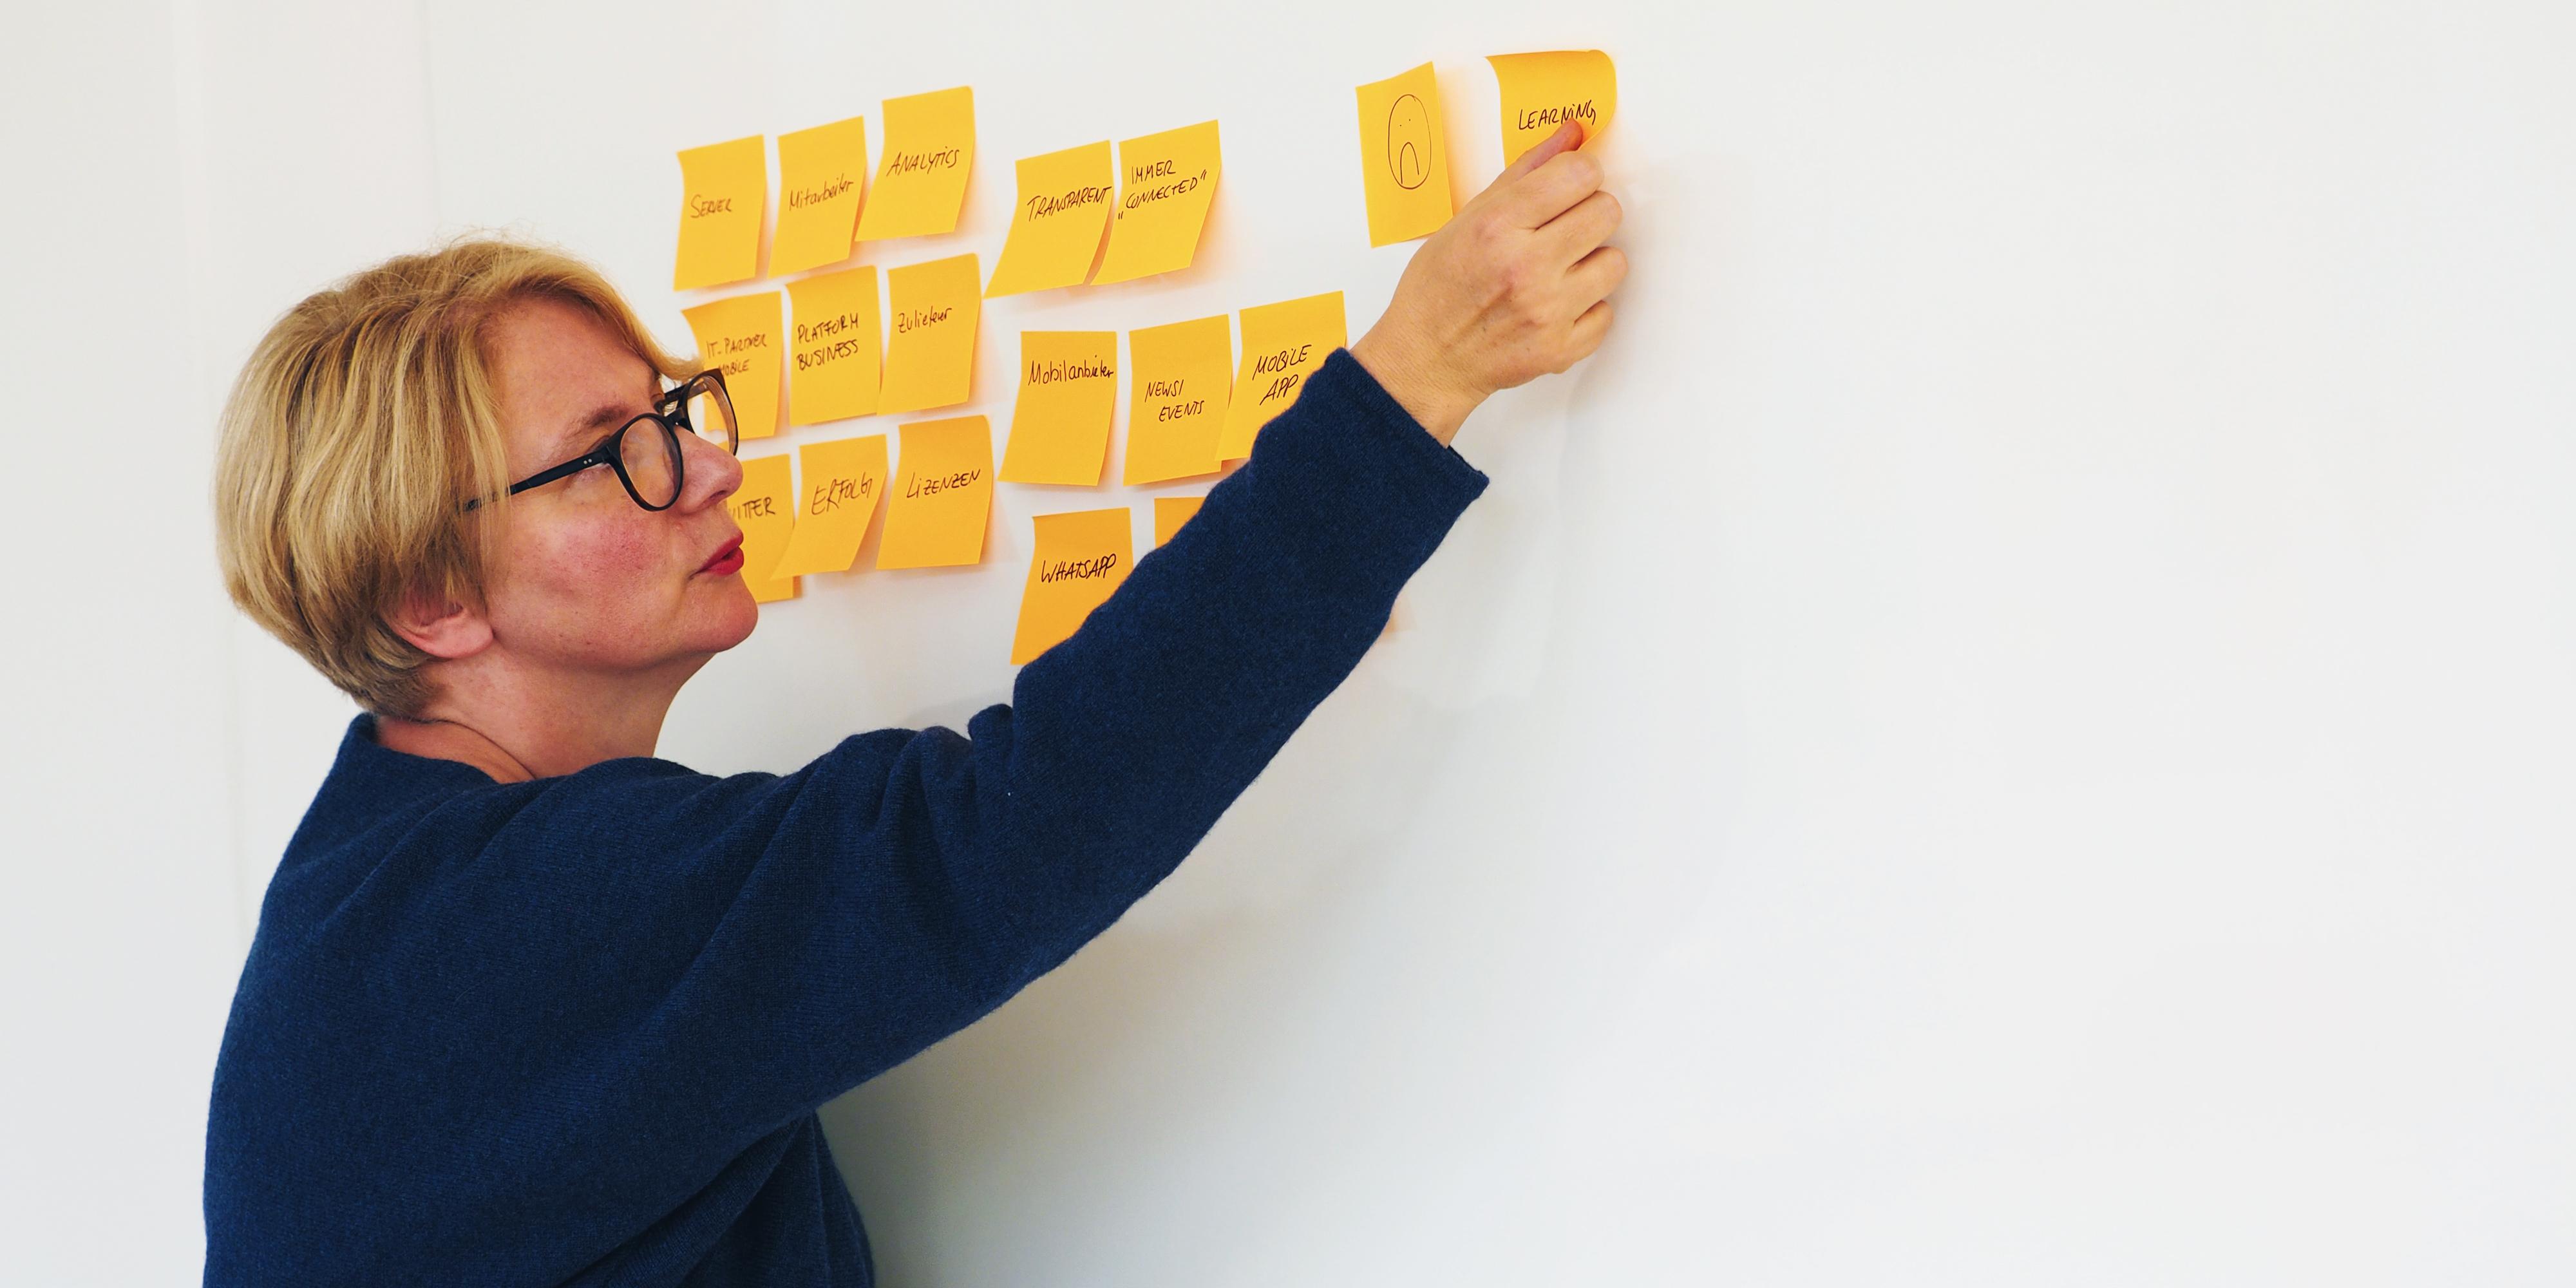 Kundenmehrwerte über qualitative Interviews entdecken